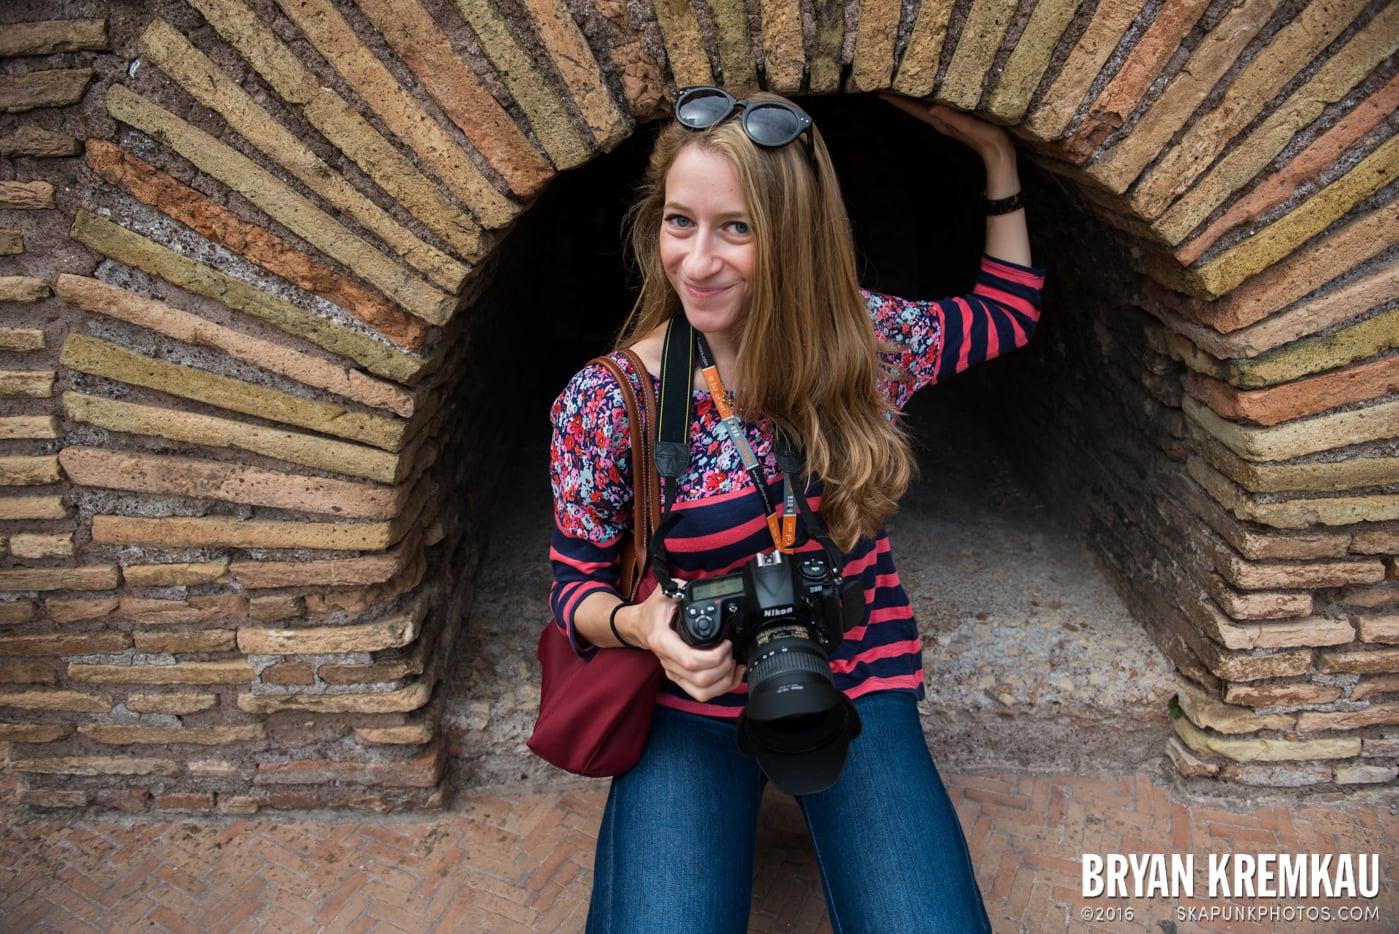 Italy Vacation - Day 2: Rome - 9.10.13 (49)